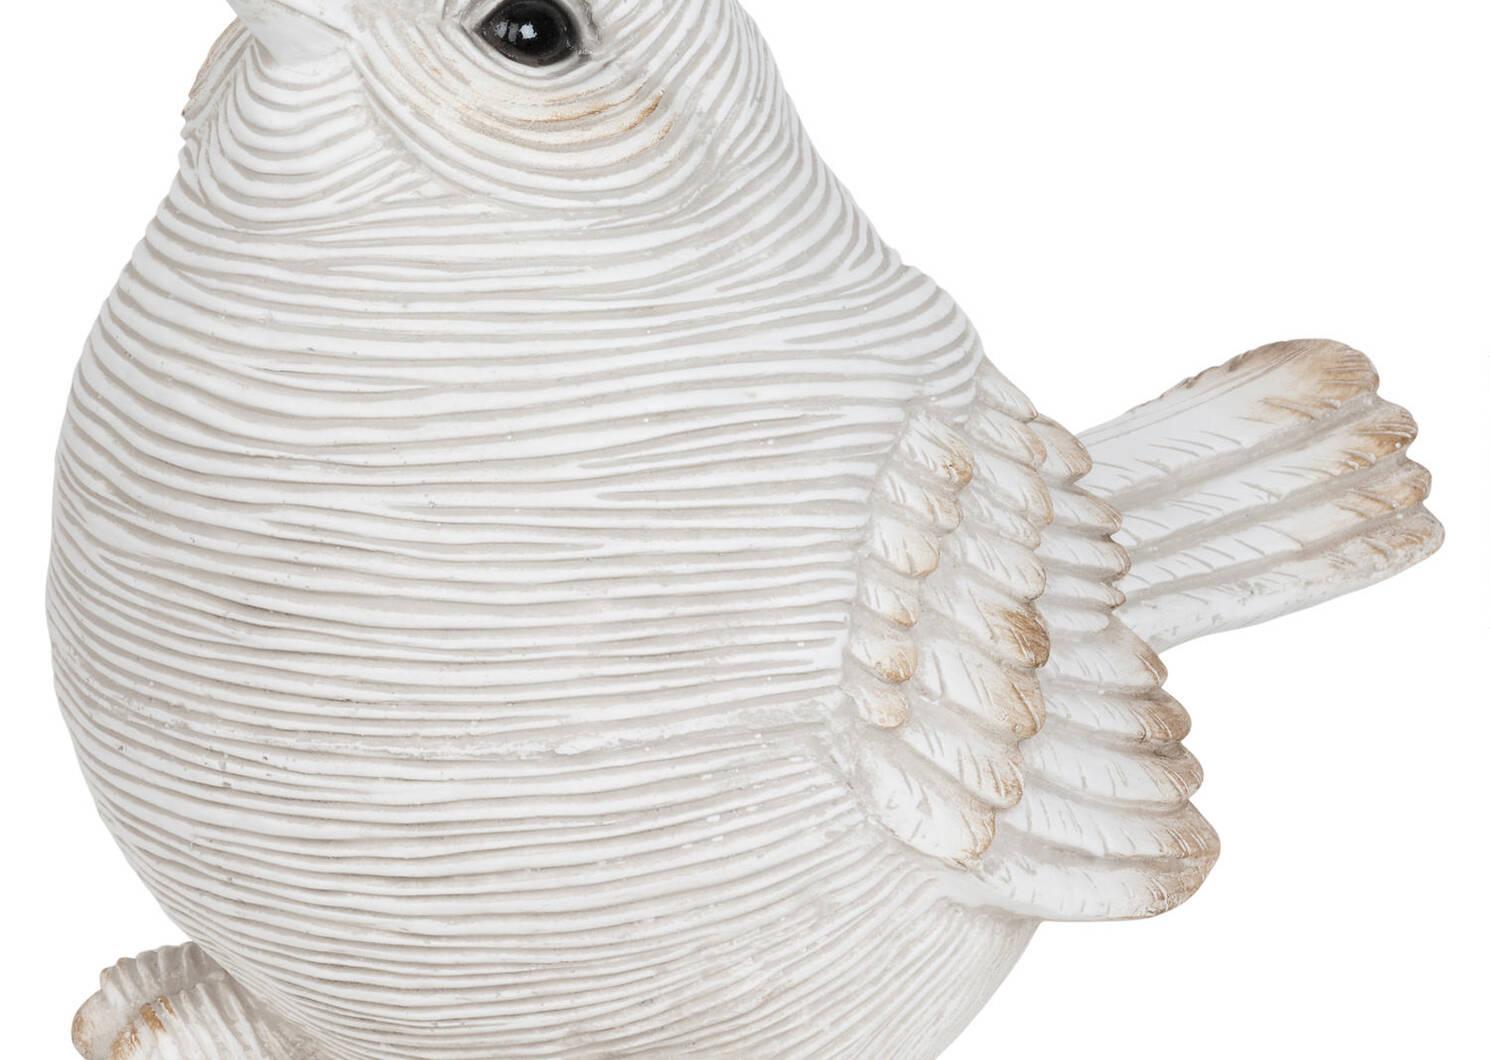 Statuette oiseau tête relevée Getty